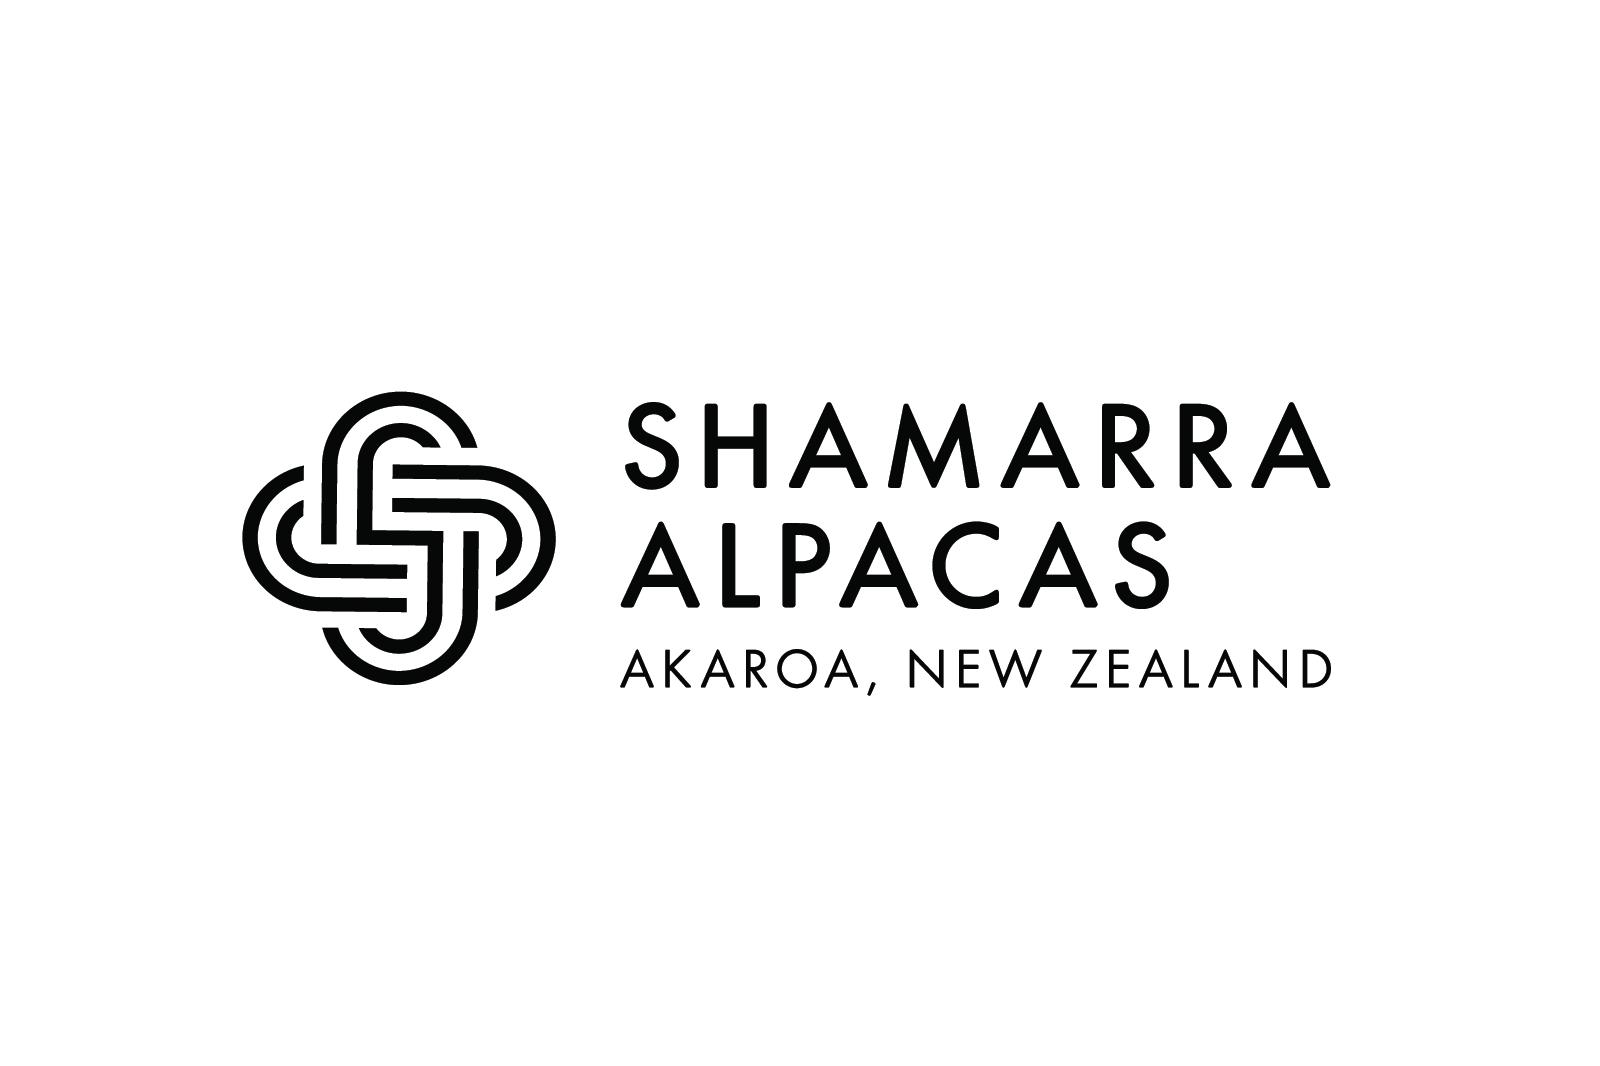 Shamarra Alpacas Logo Design White